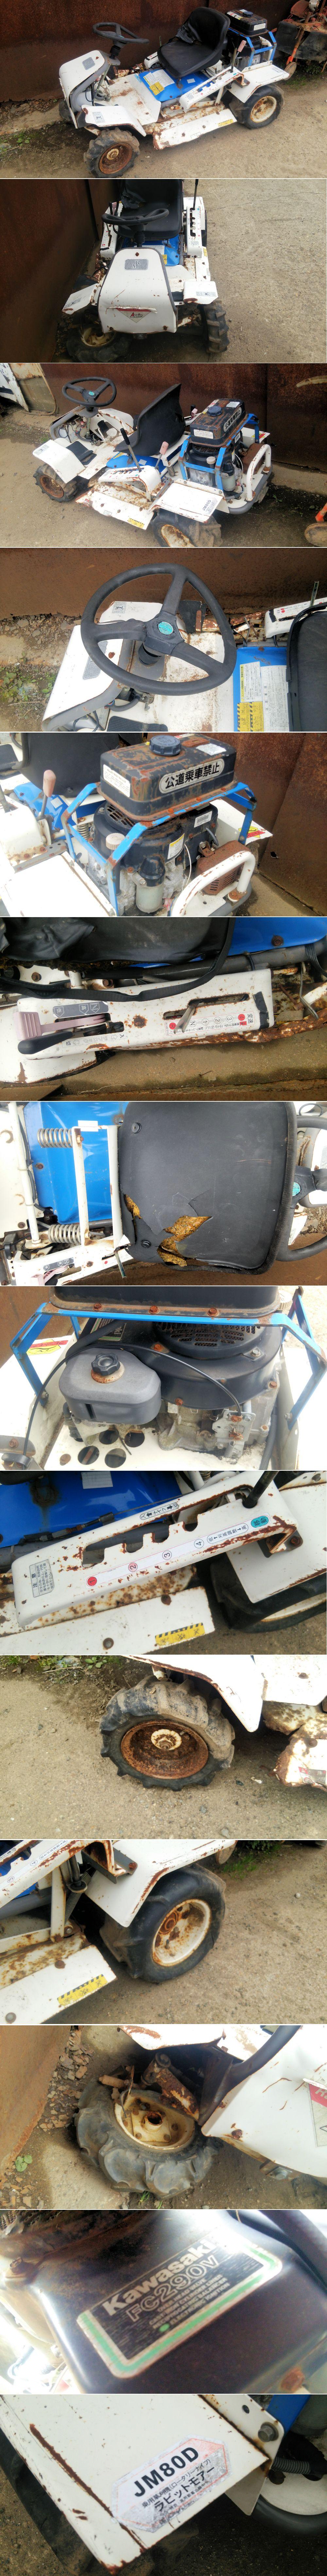 オーレック ラビットモアー JM80D 乗用草刈機 現状 ジャンク品 中古